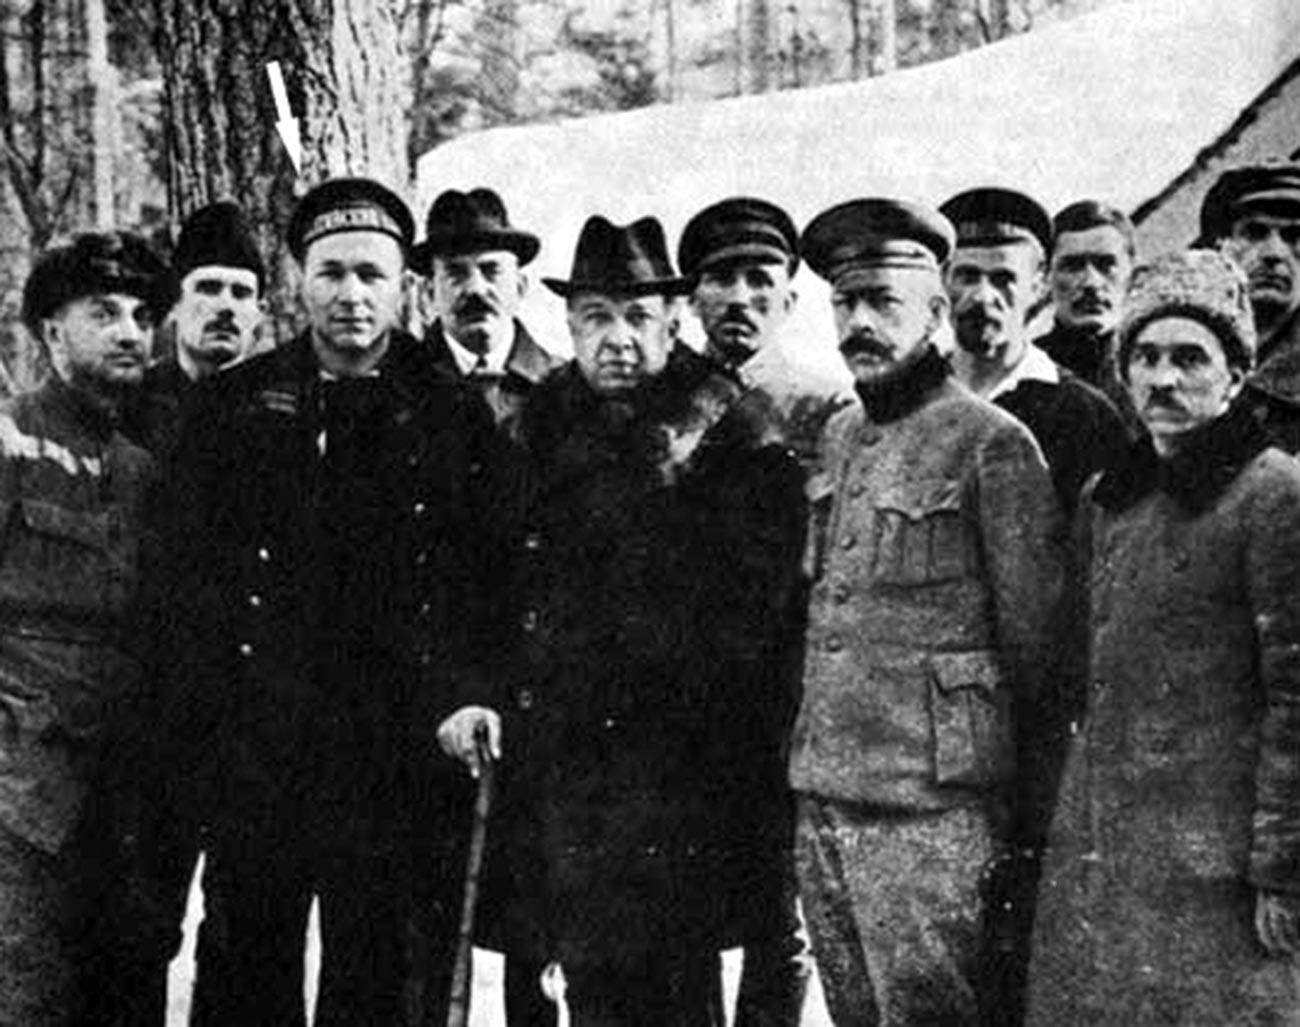 Stepan Petrichenko (tanda panah), pemimpin pemberontakan Kronstadt, di antara oposisi dan emigran Rusia di Finlandia.